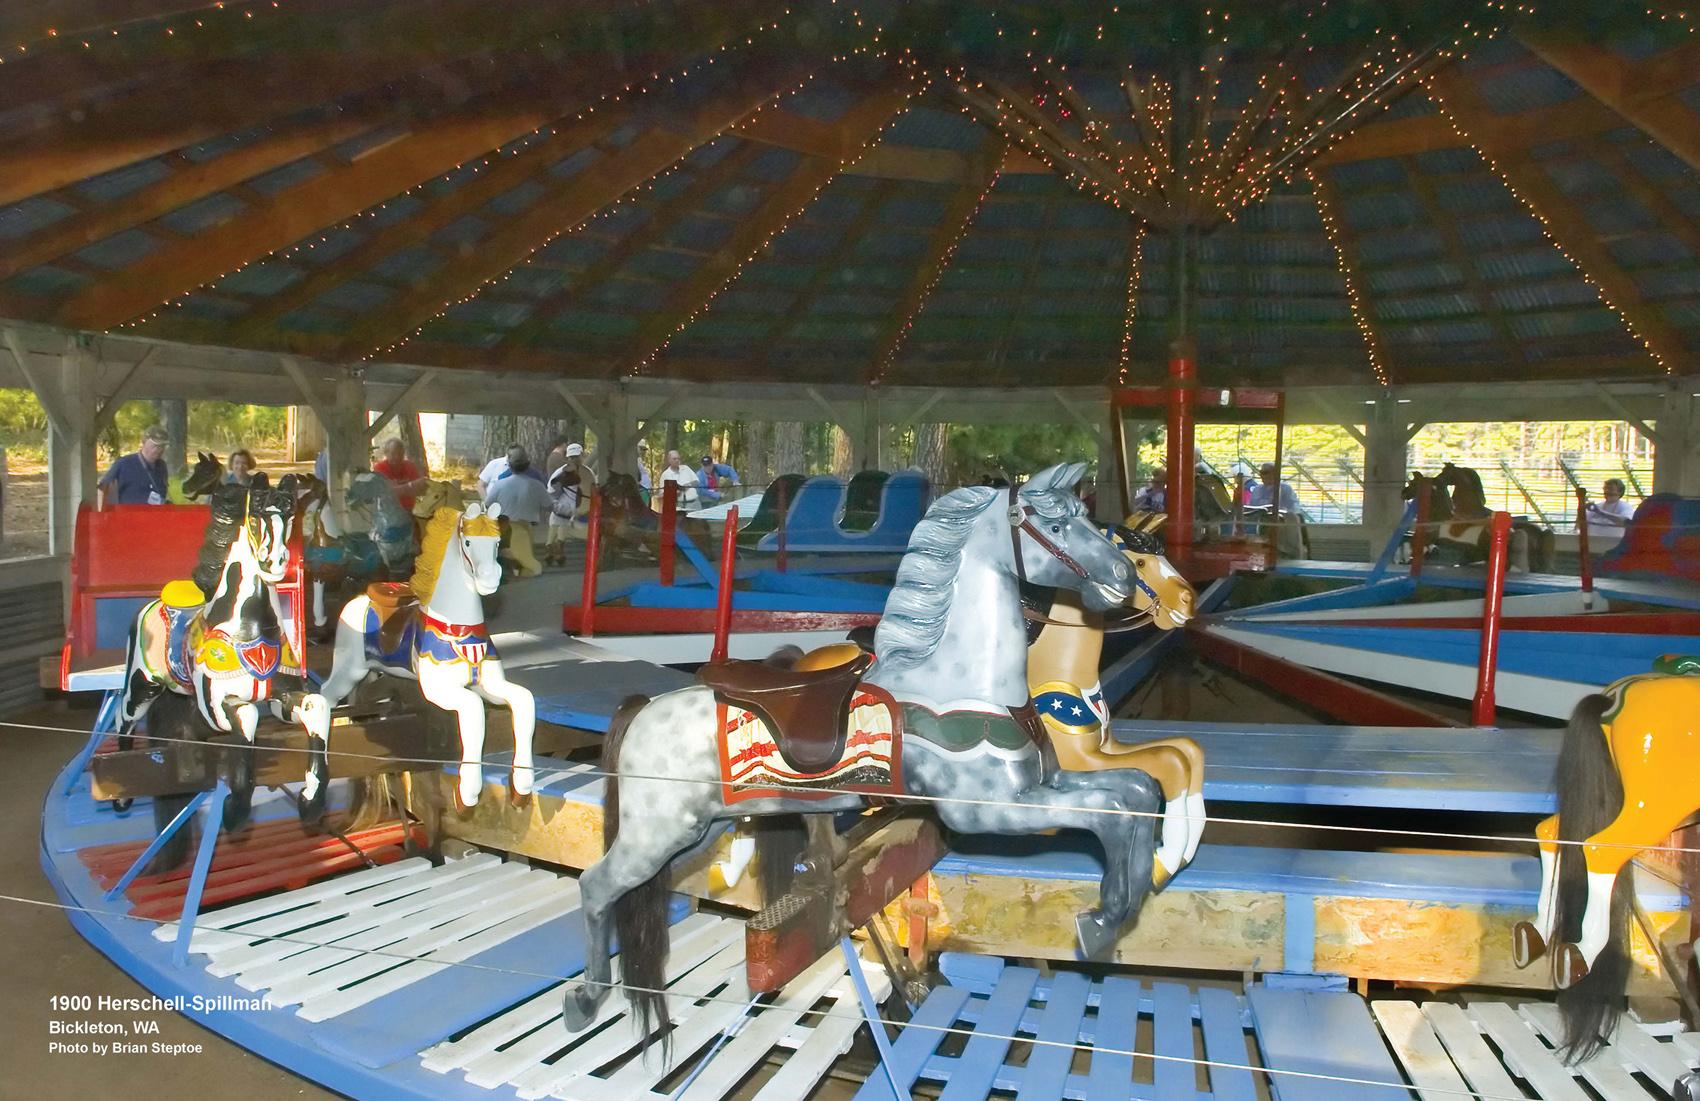 Ca-1900-Herschell-Spillman-steam-carousel-Bickleton-WA-CNT-center-Nov-07